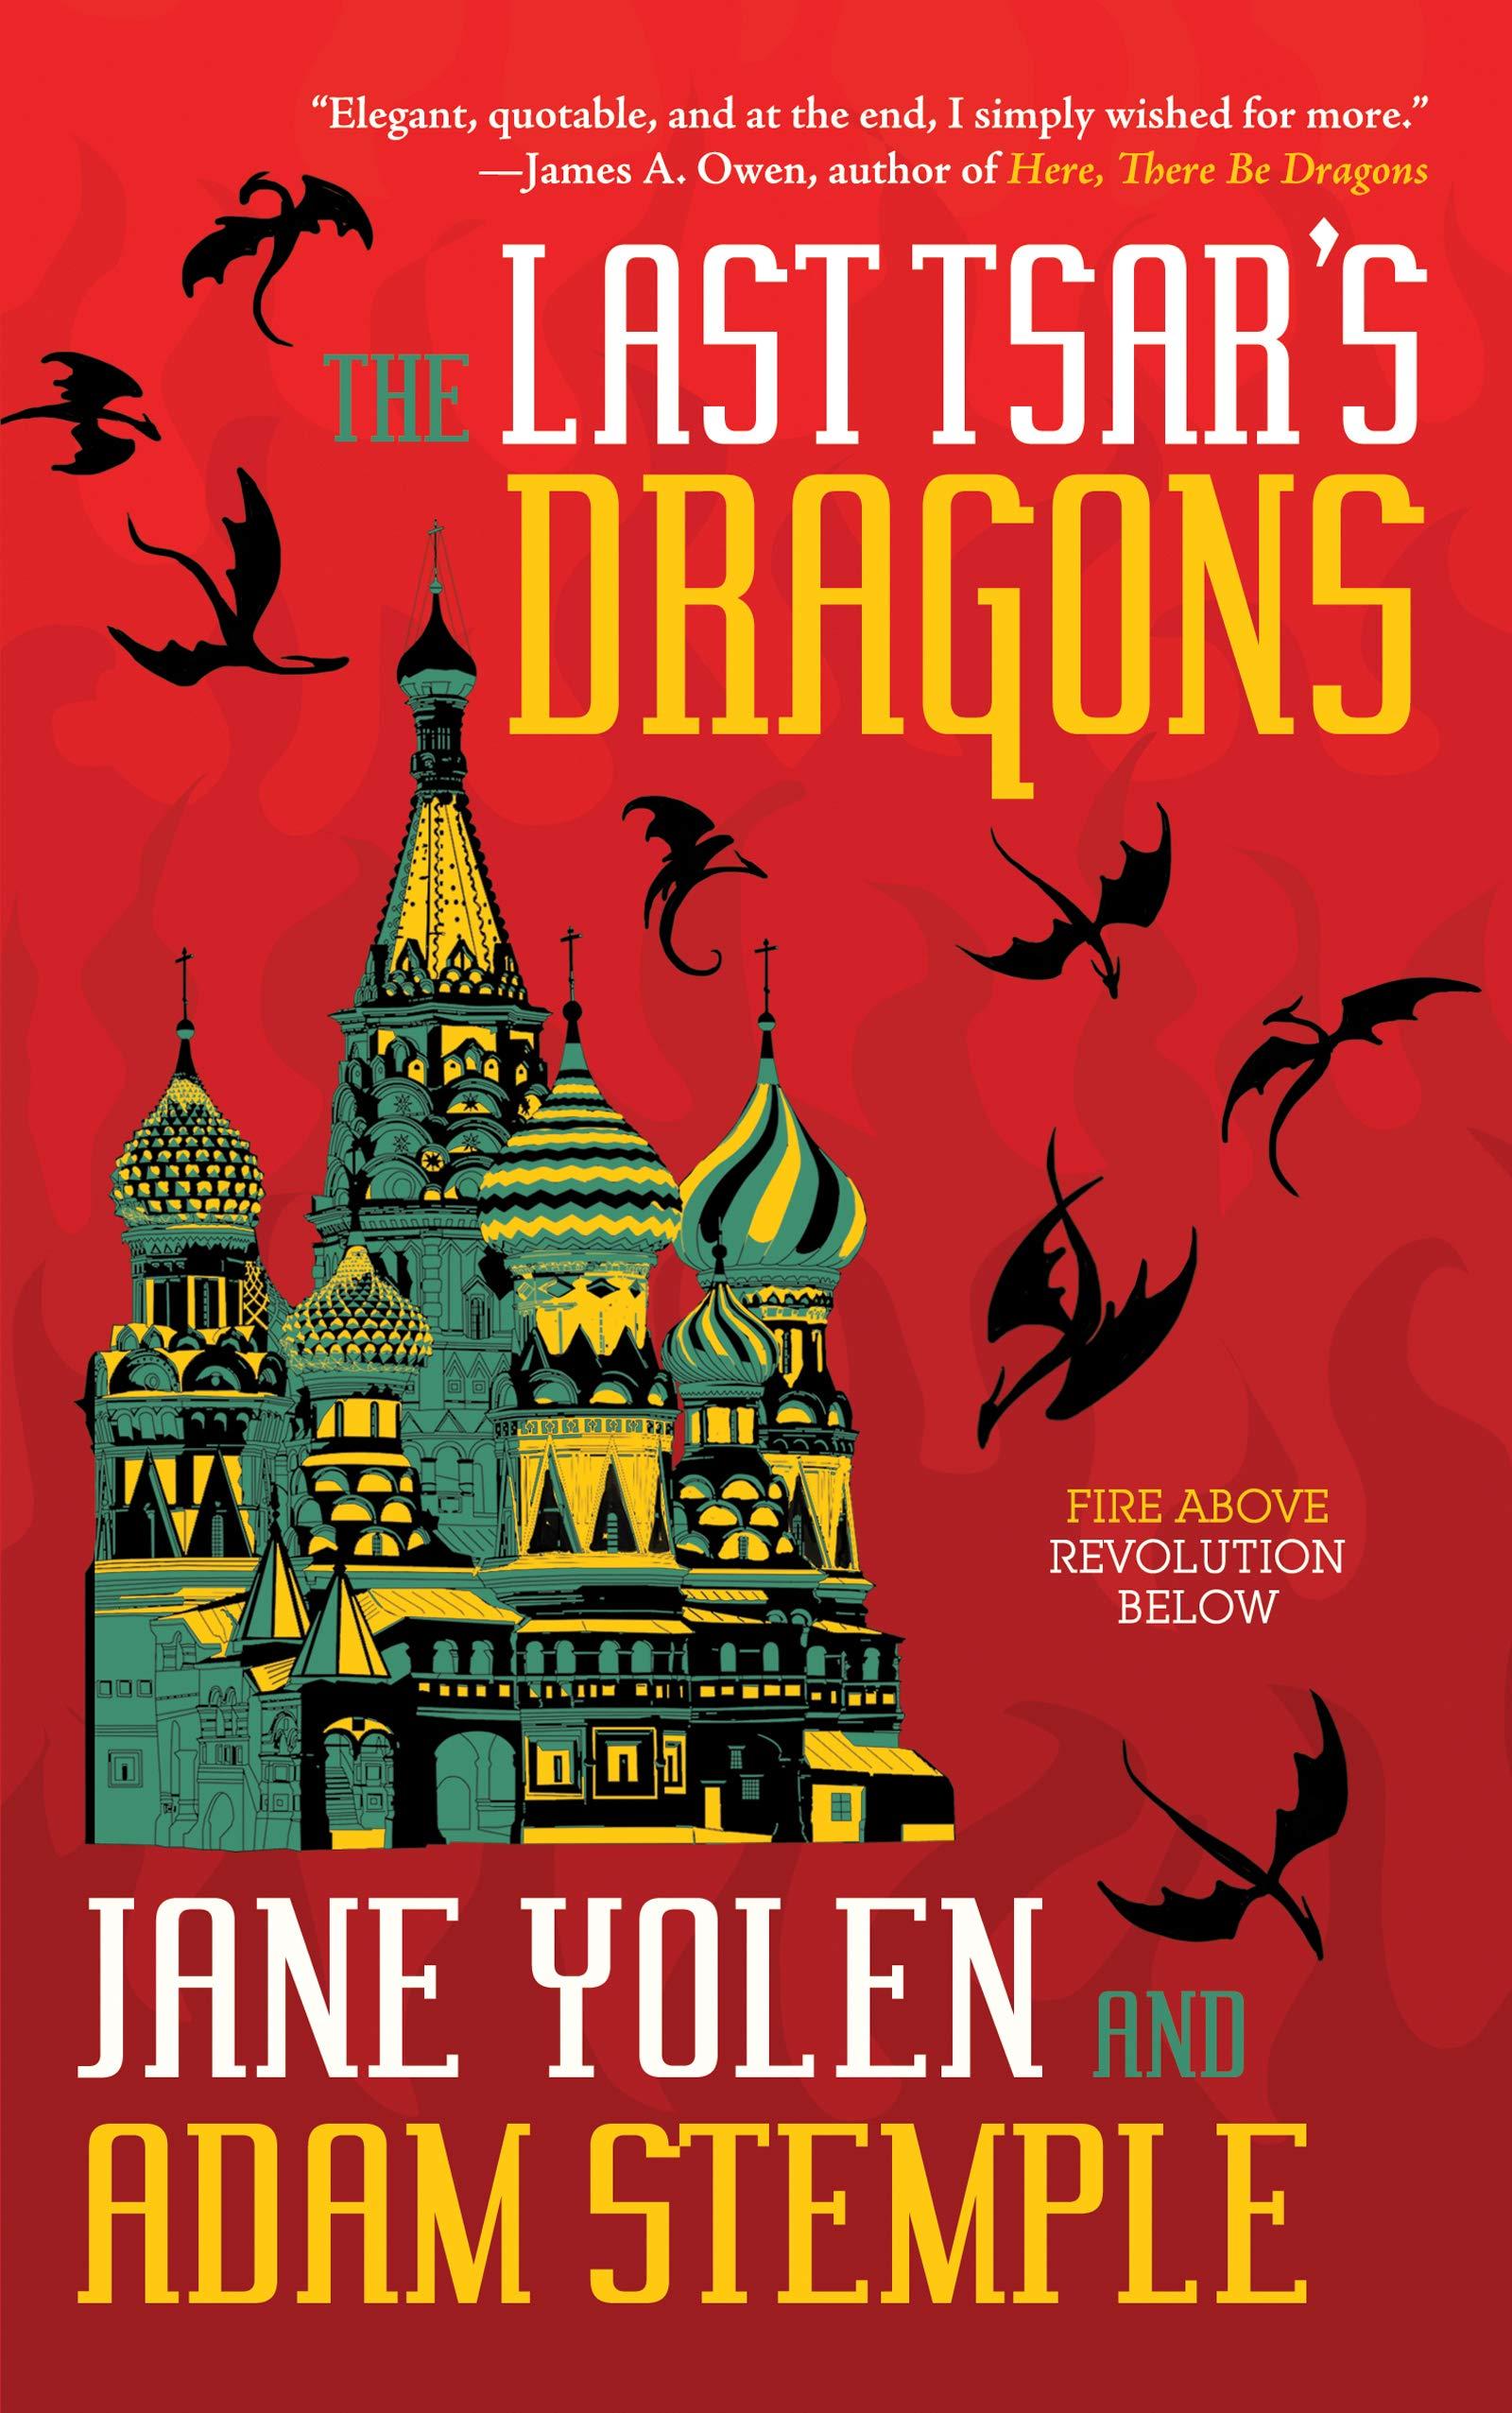 Last Tsar's Dragons